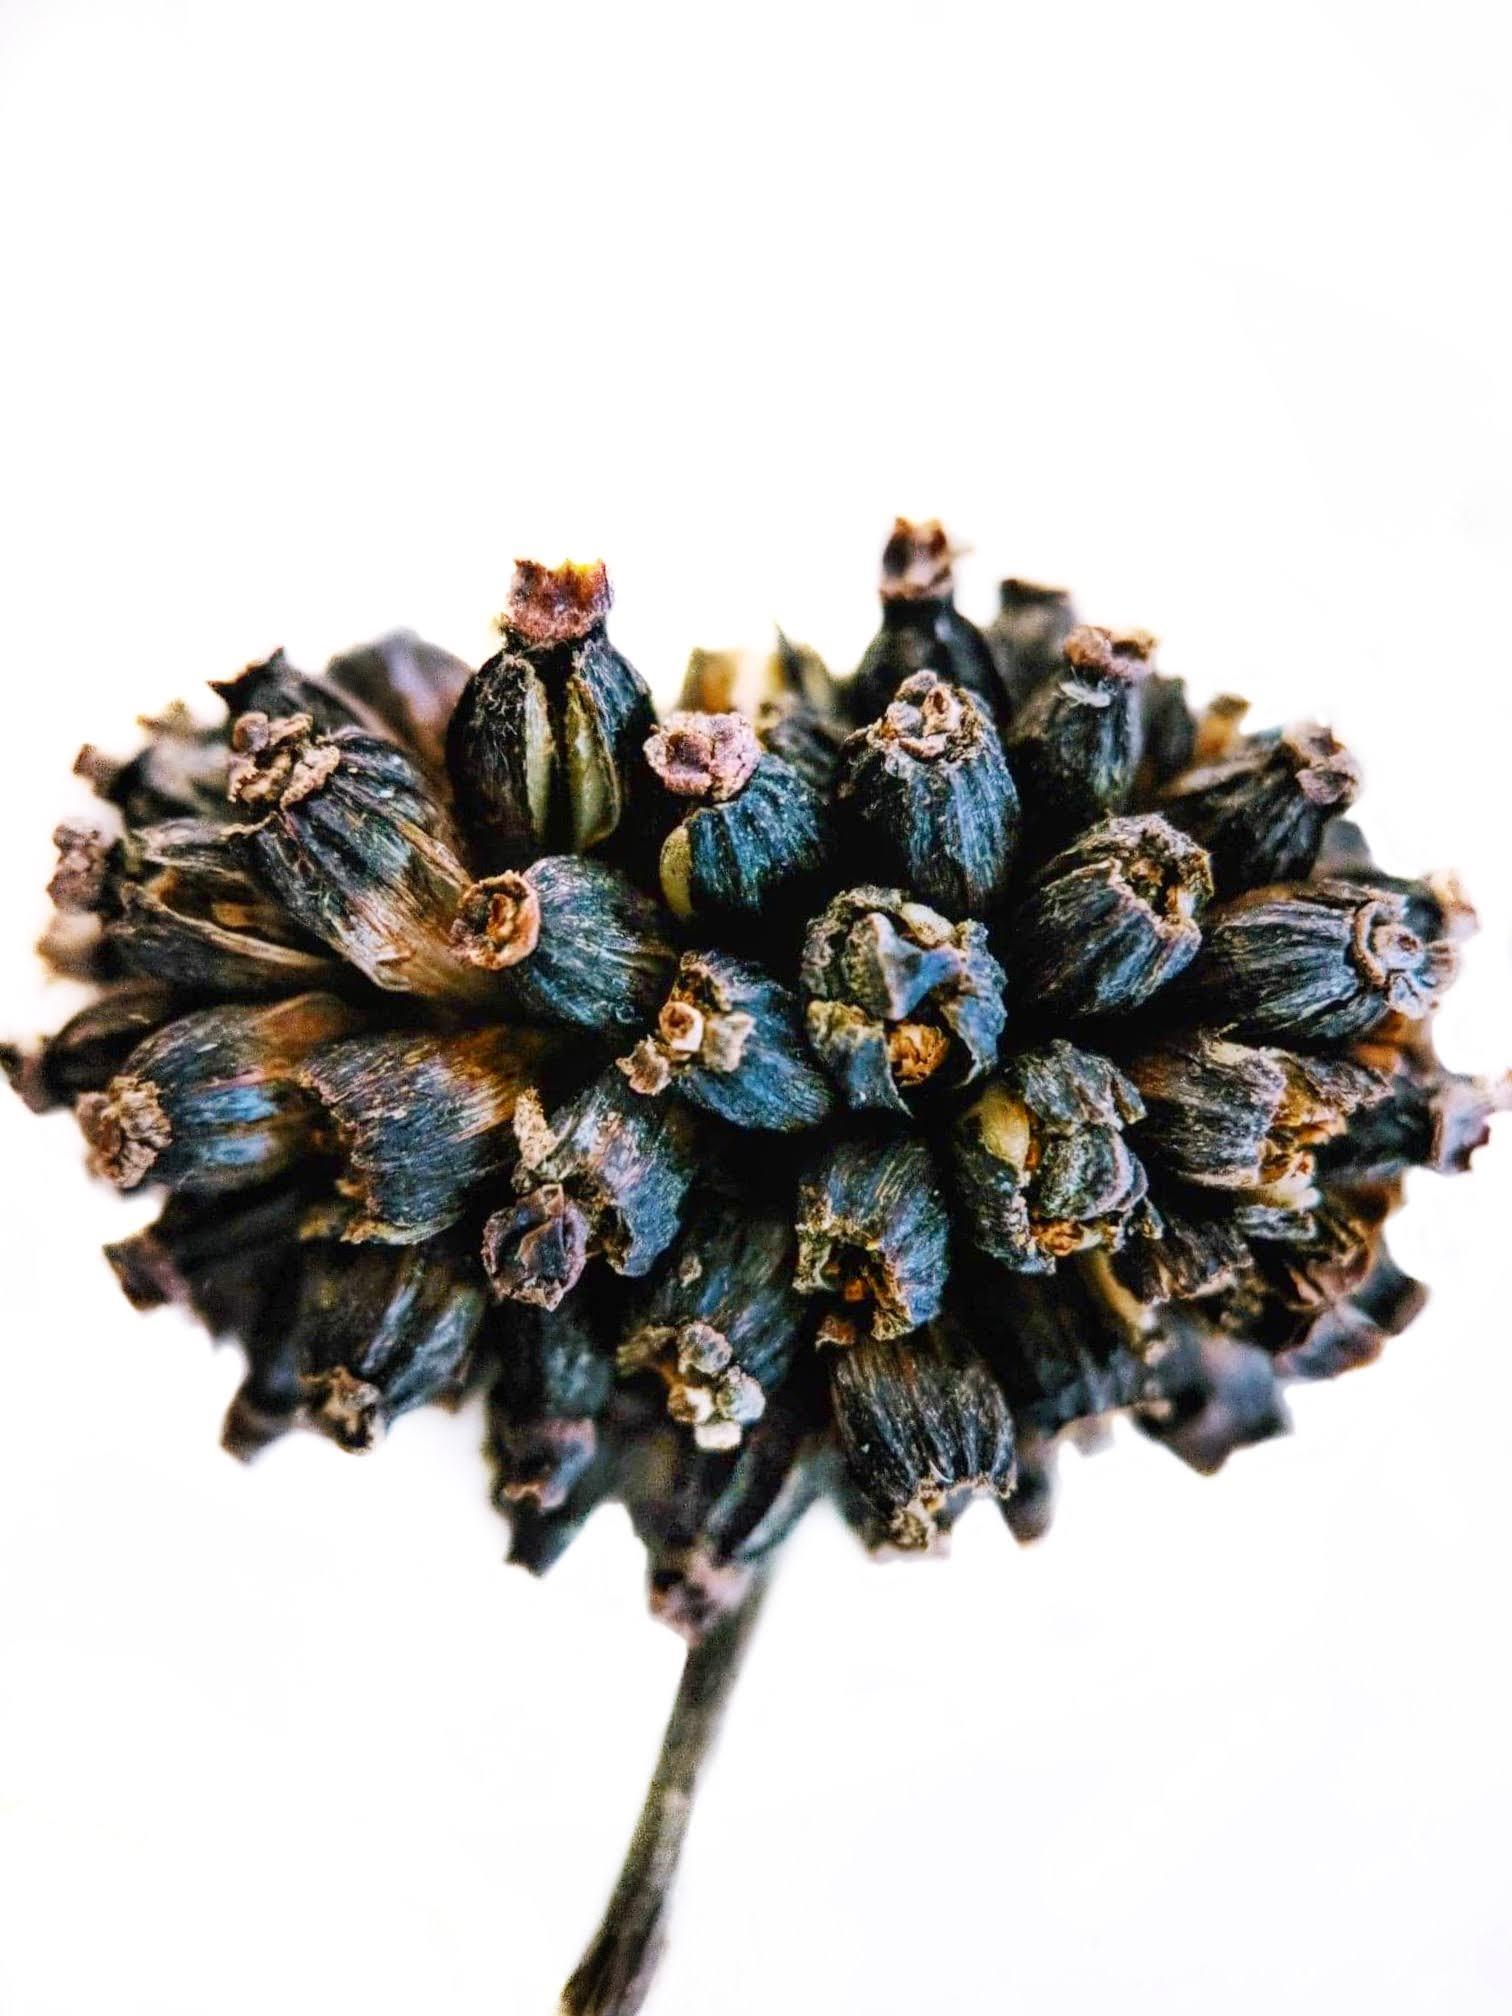 Fully Mature Fertile Kratom Seed Pods